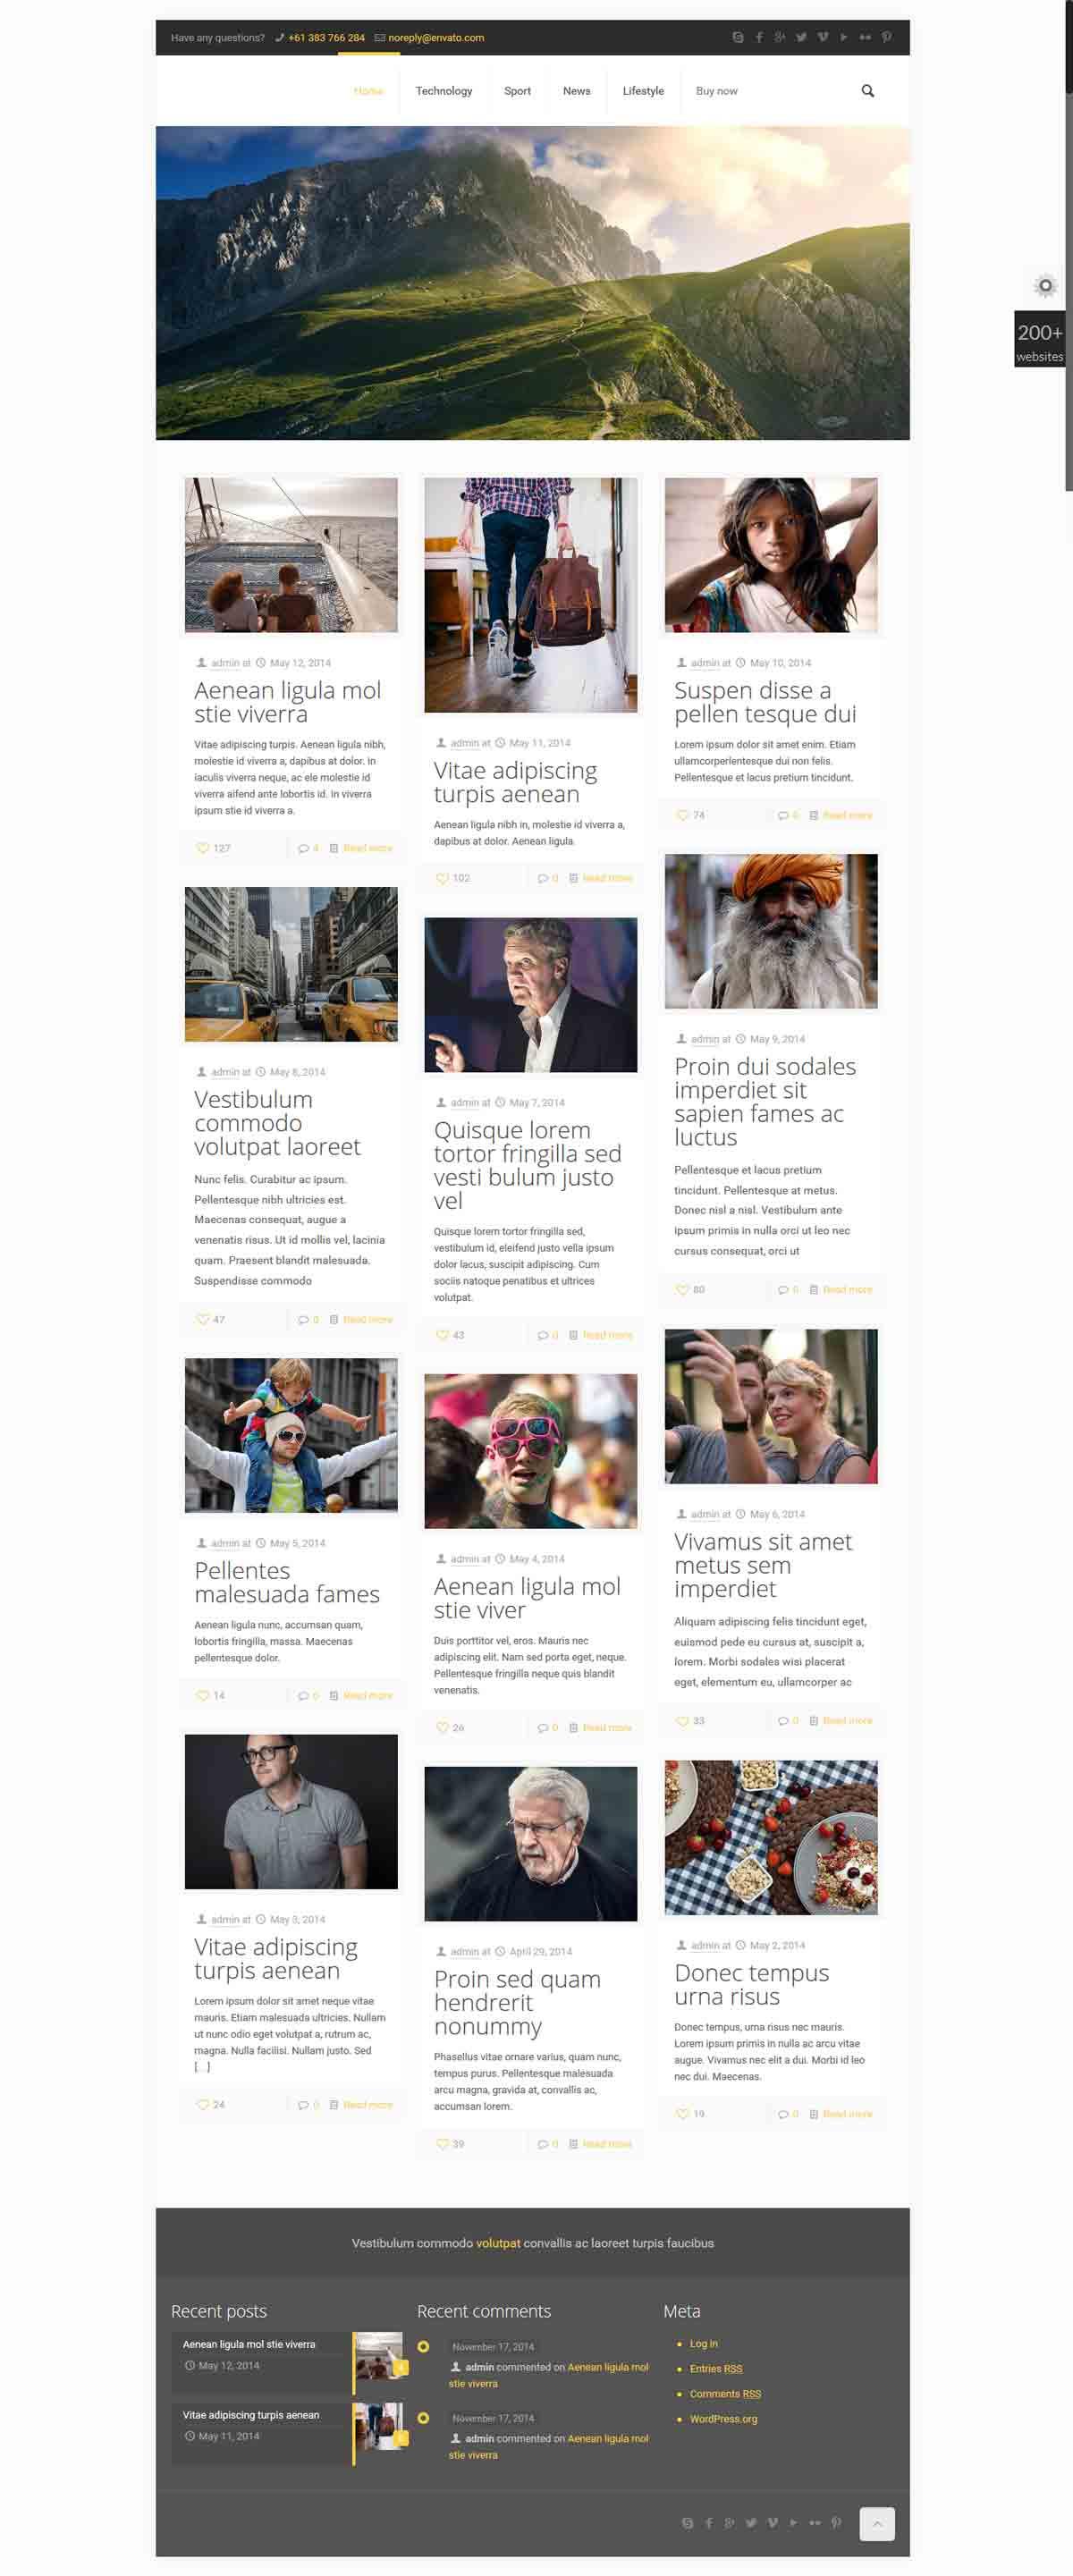 وب سایت مجله خبری